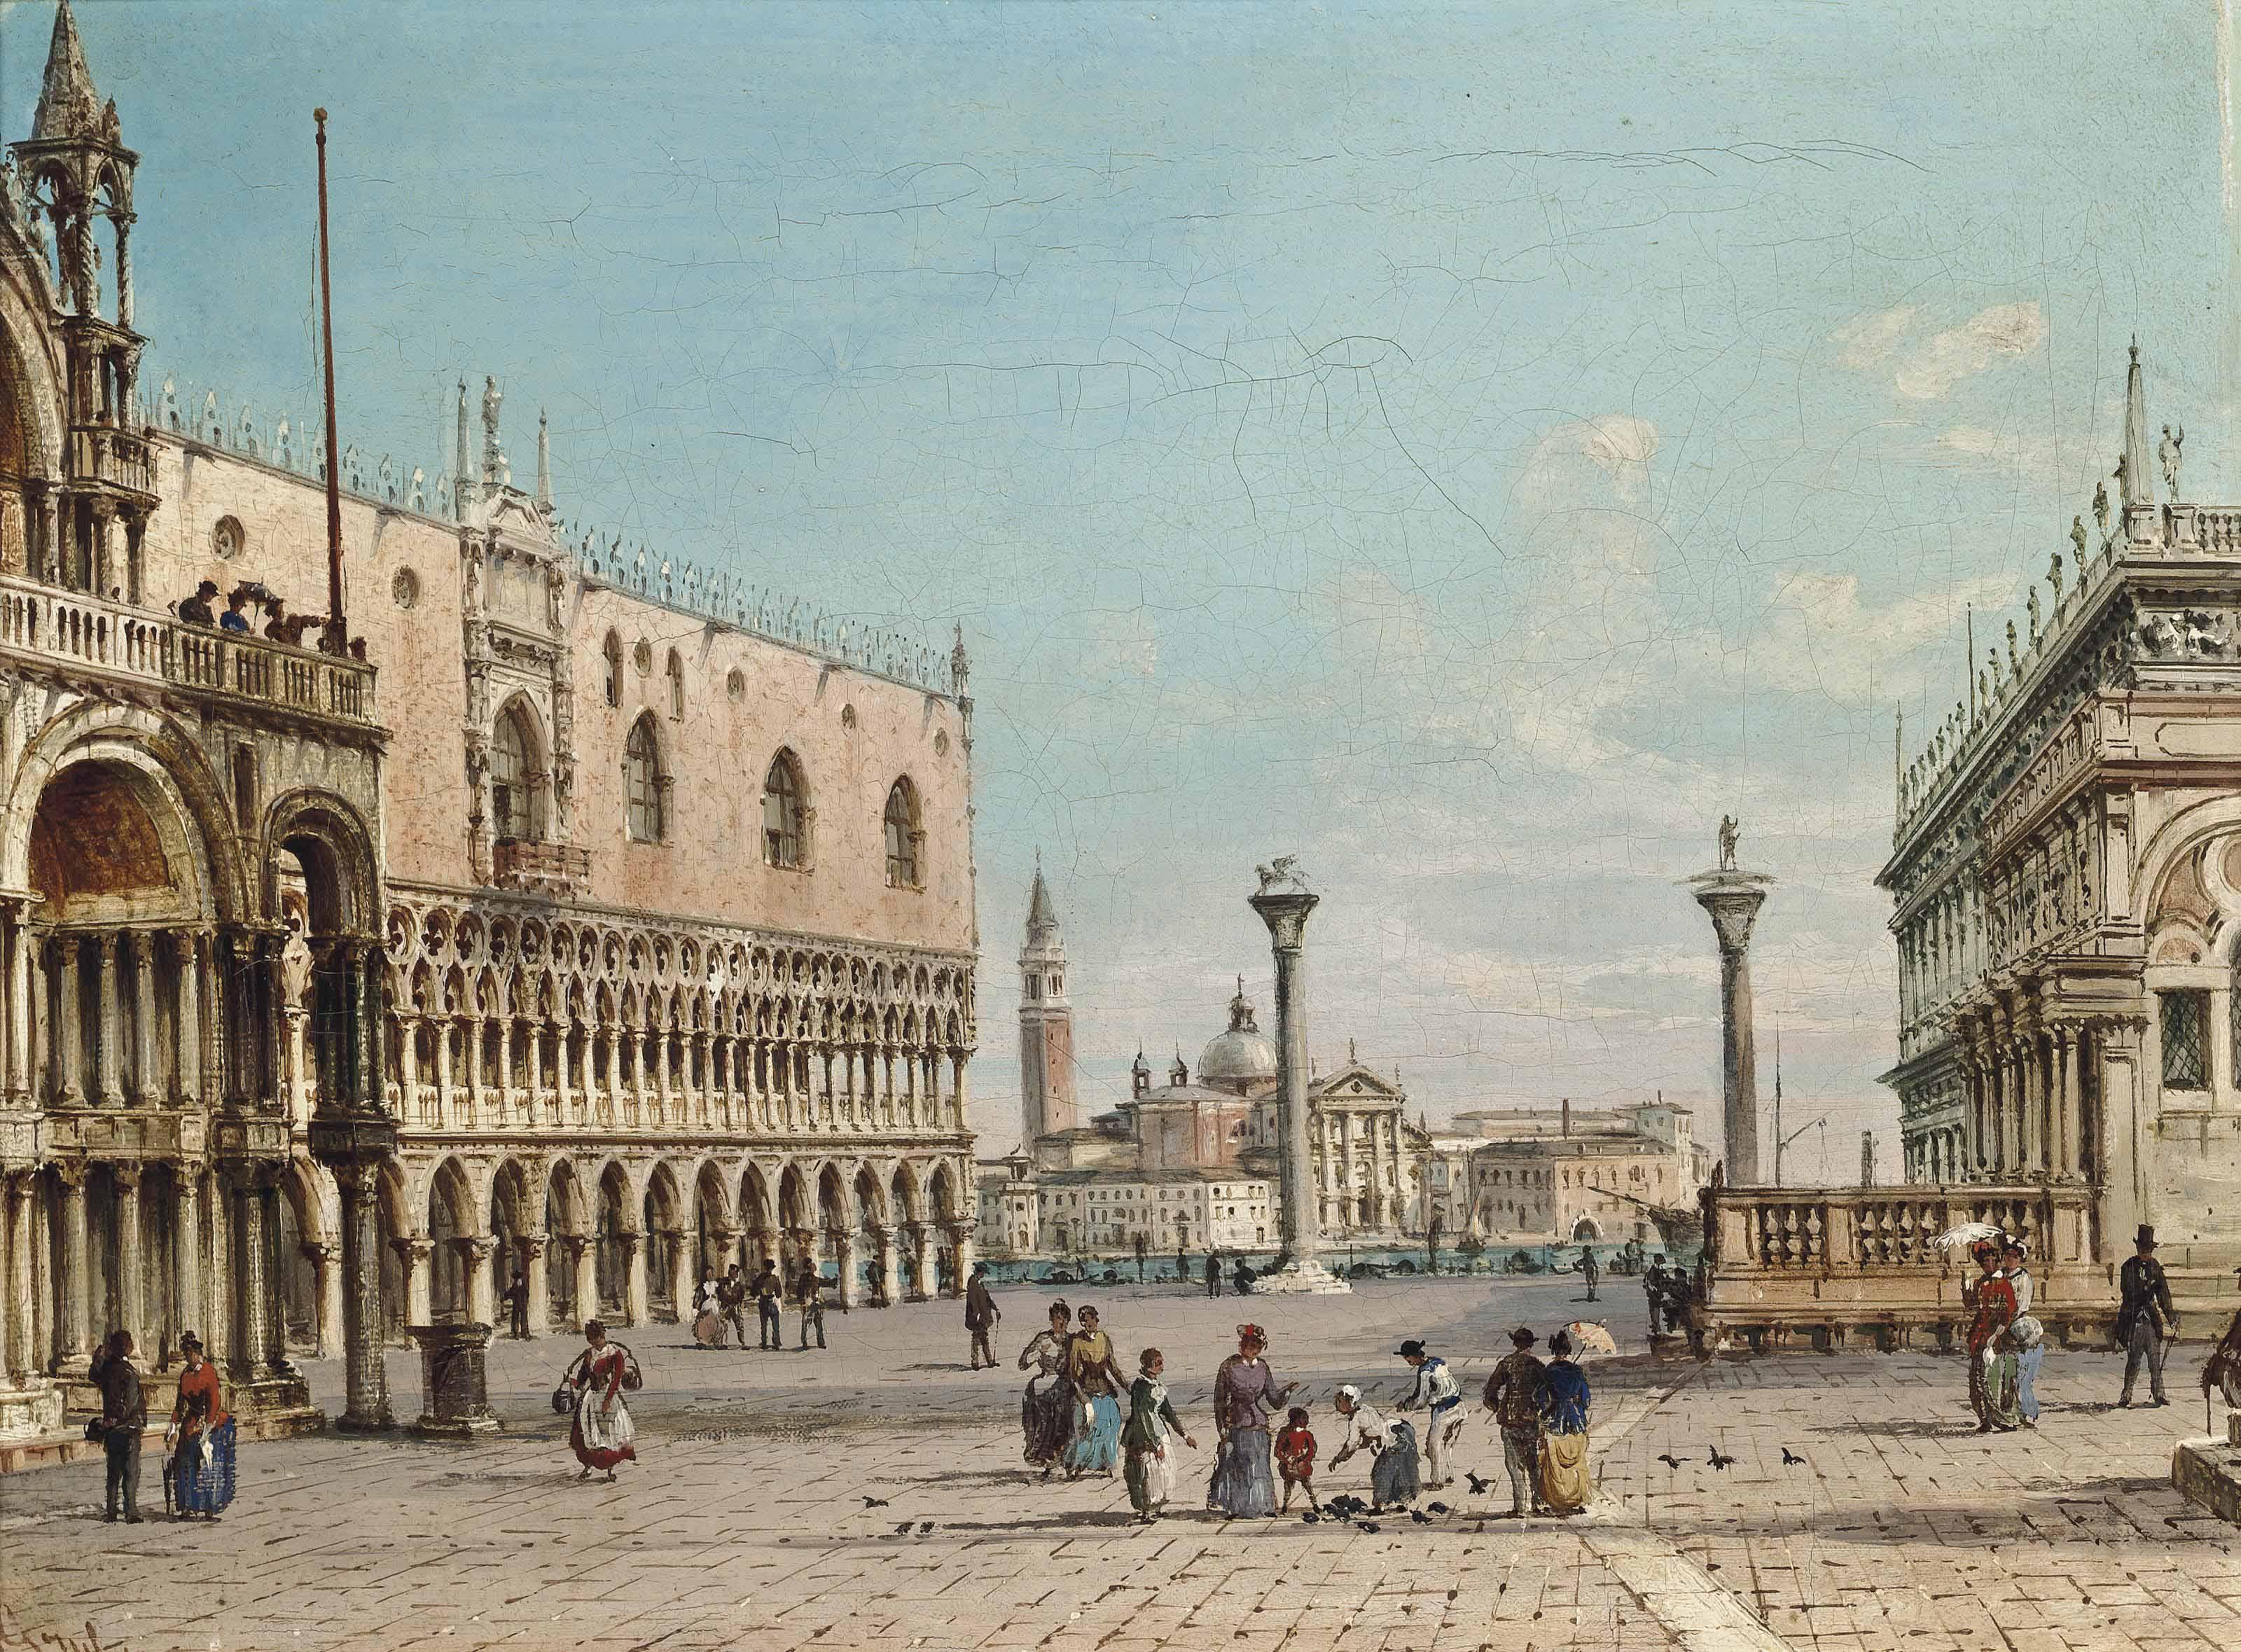 St Mark's Square looking towards San Giorgio Maggiore, Venice